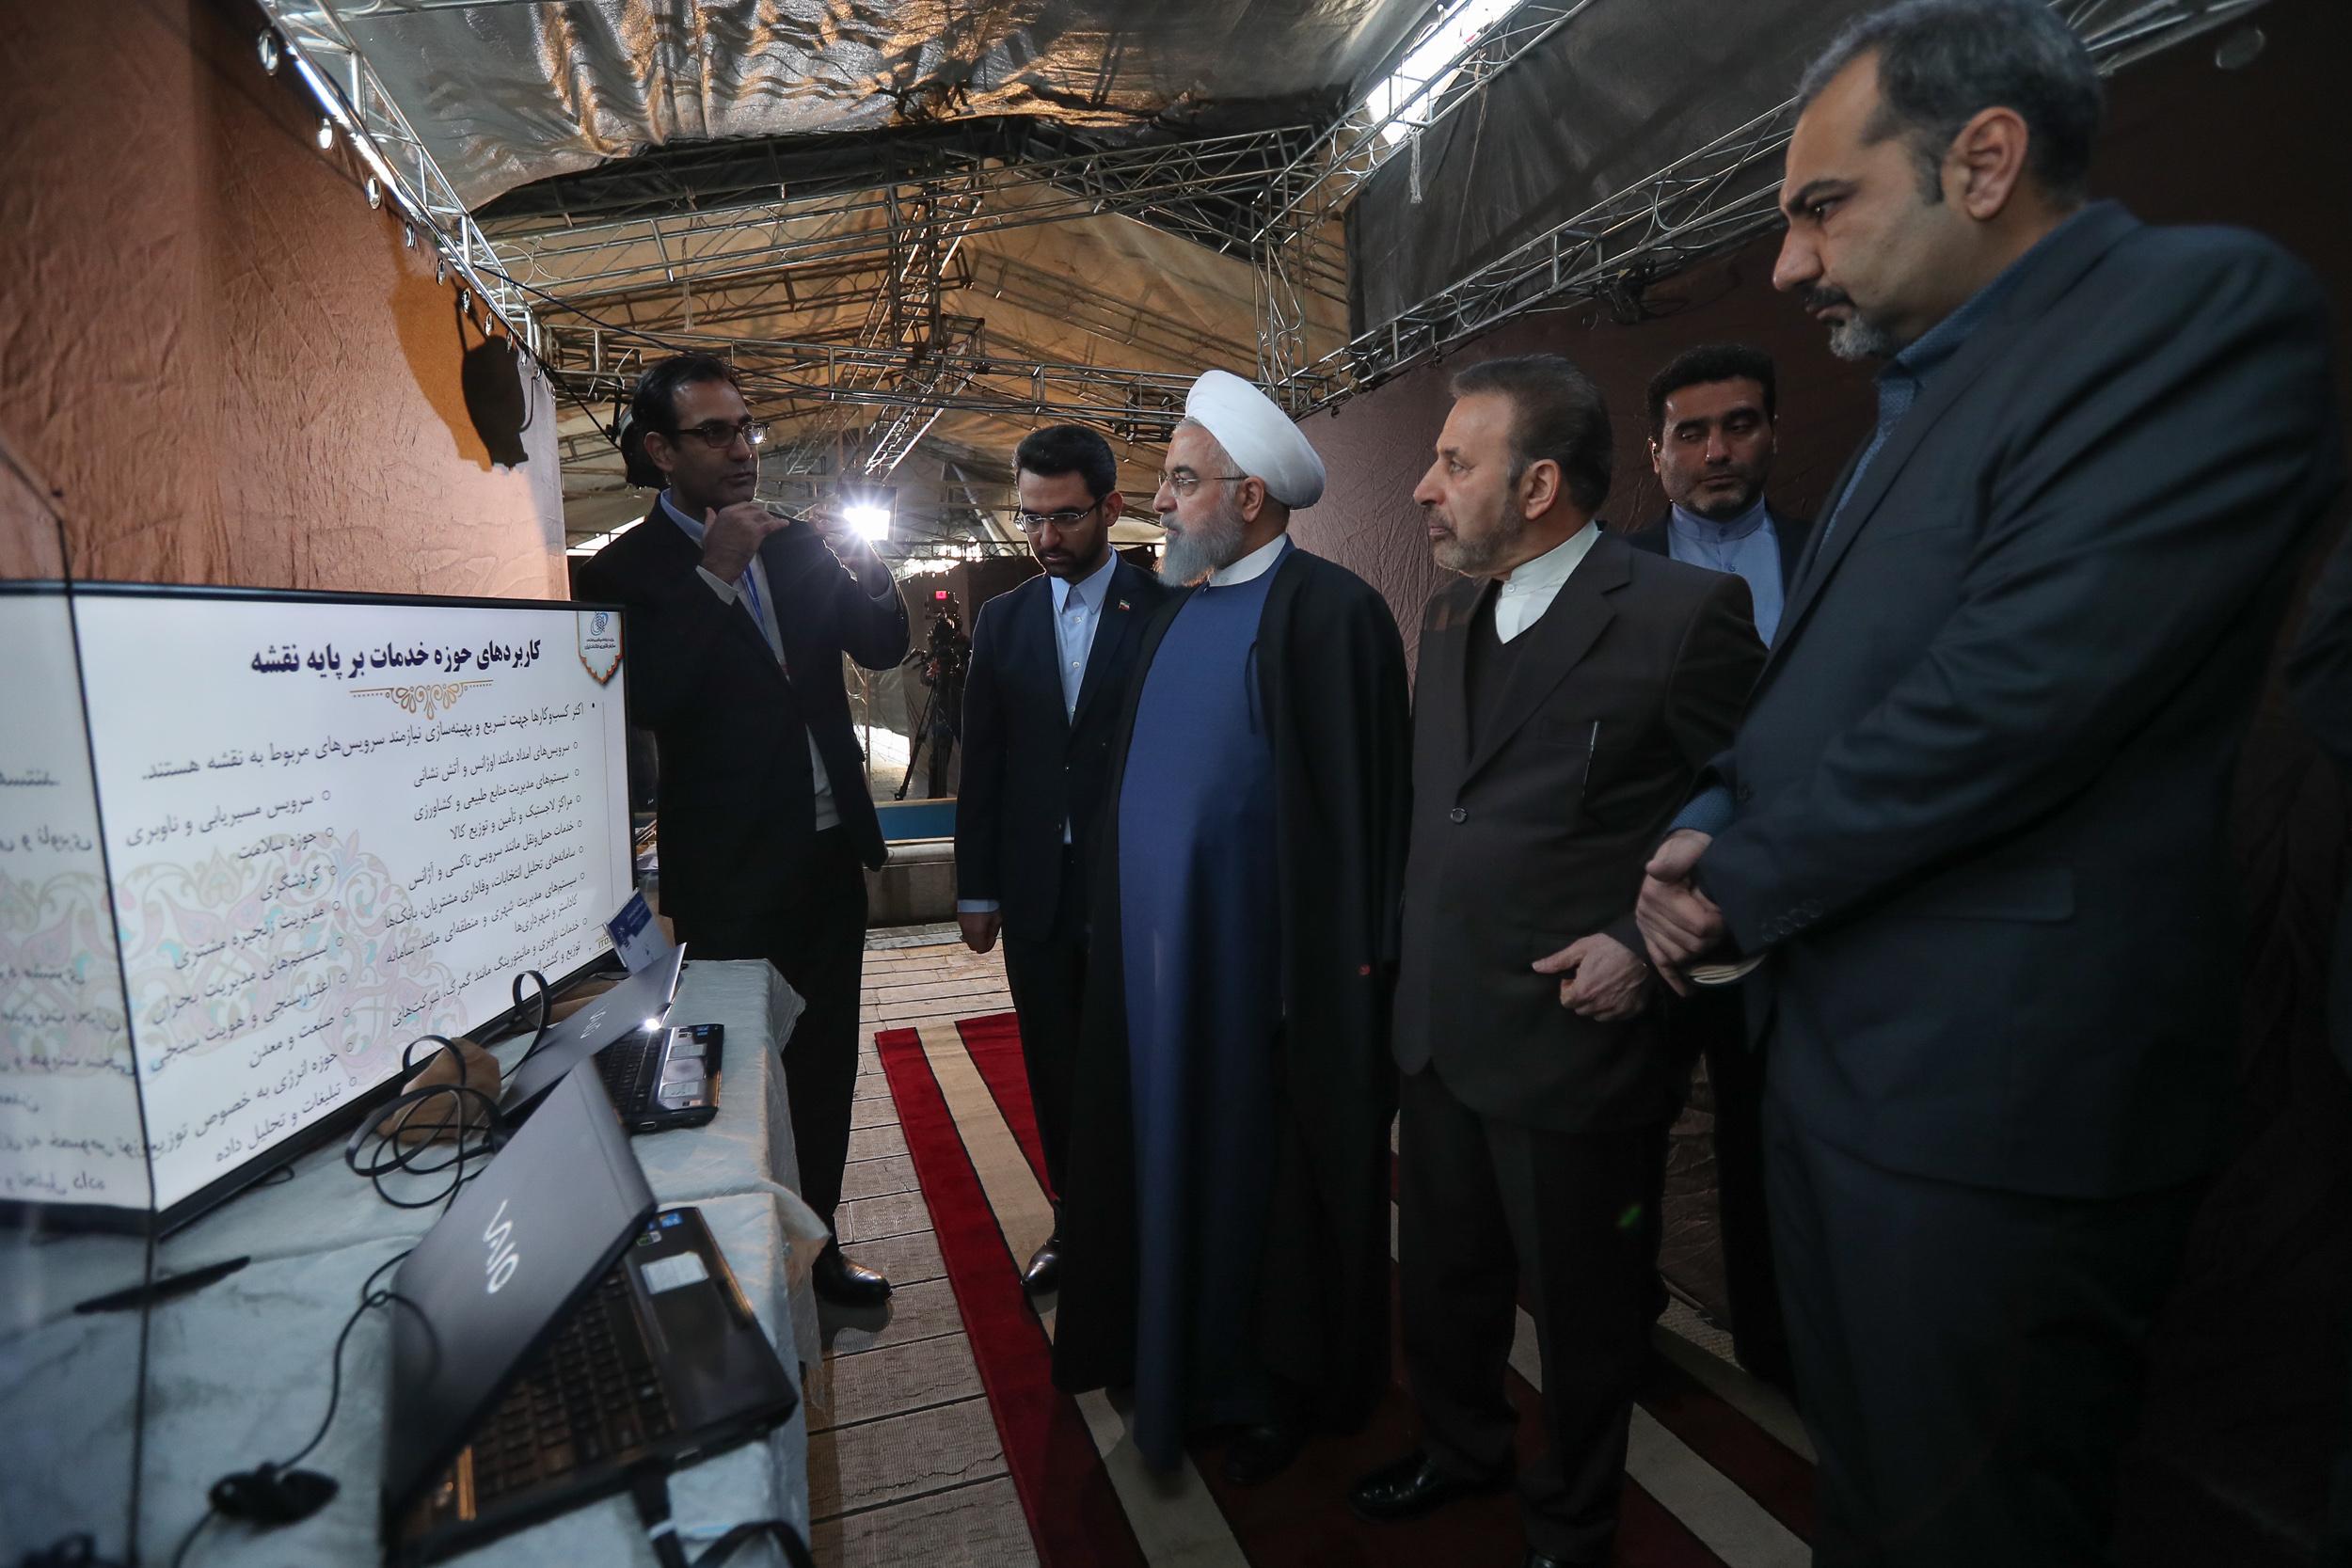 انتقاد روحانی از محدودیت در فضای مجازی: در ایران رسانه آزاد نداریم